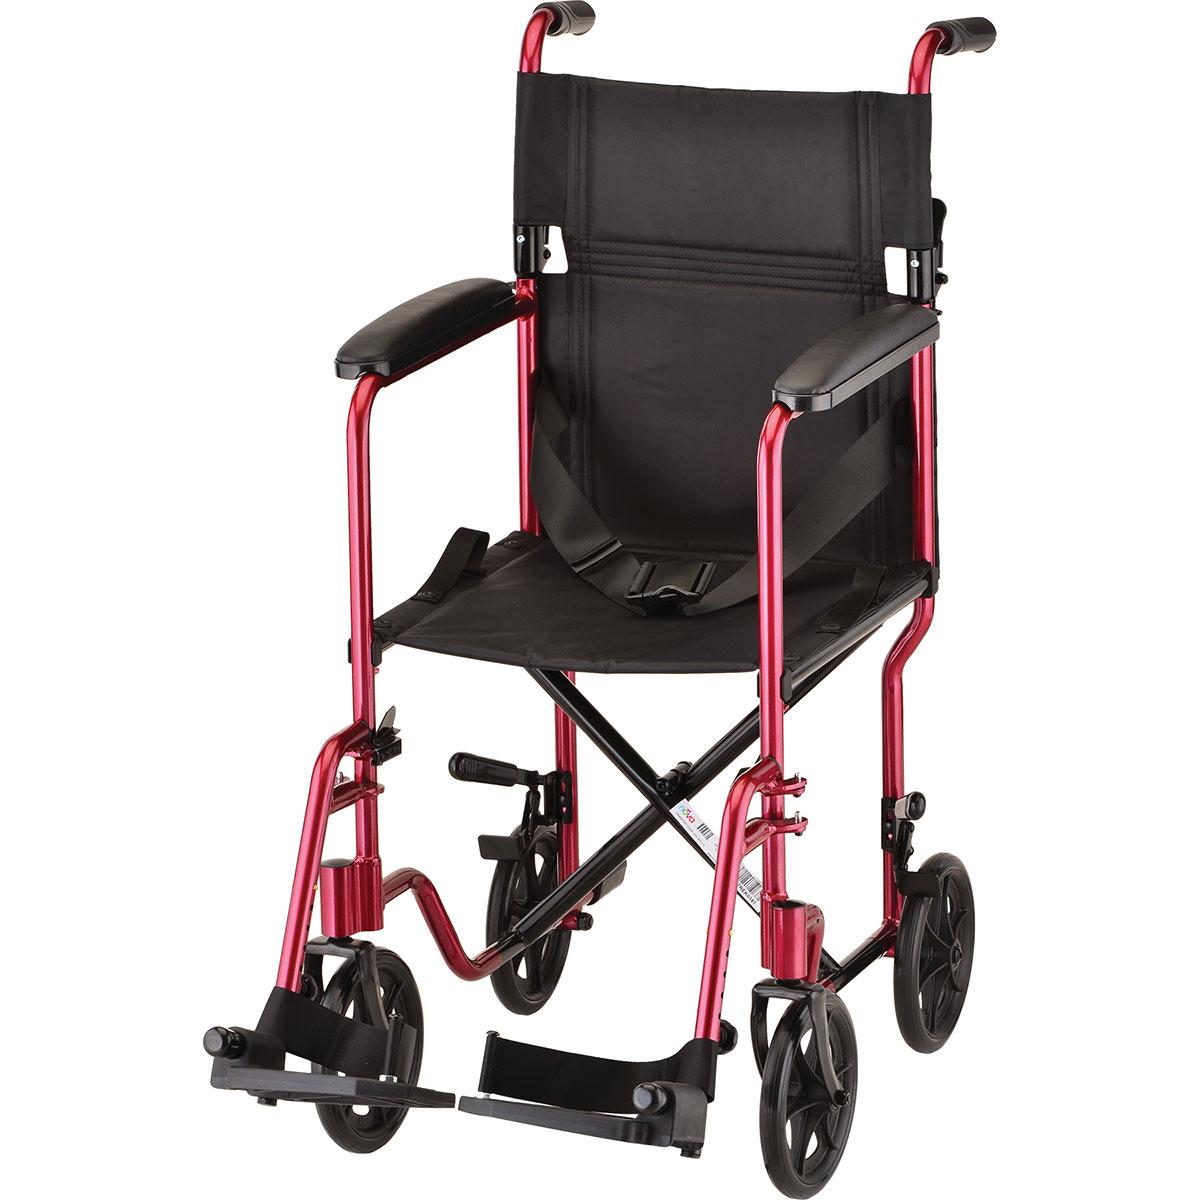 lightweight transport chair outdoor cushions new zealand nova 17 quot seat width red